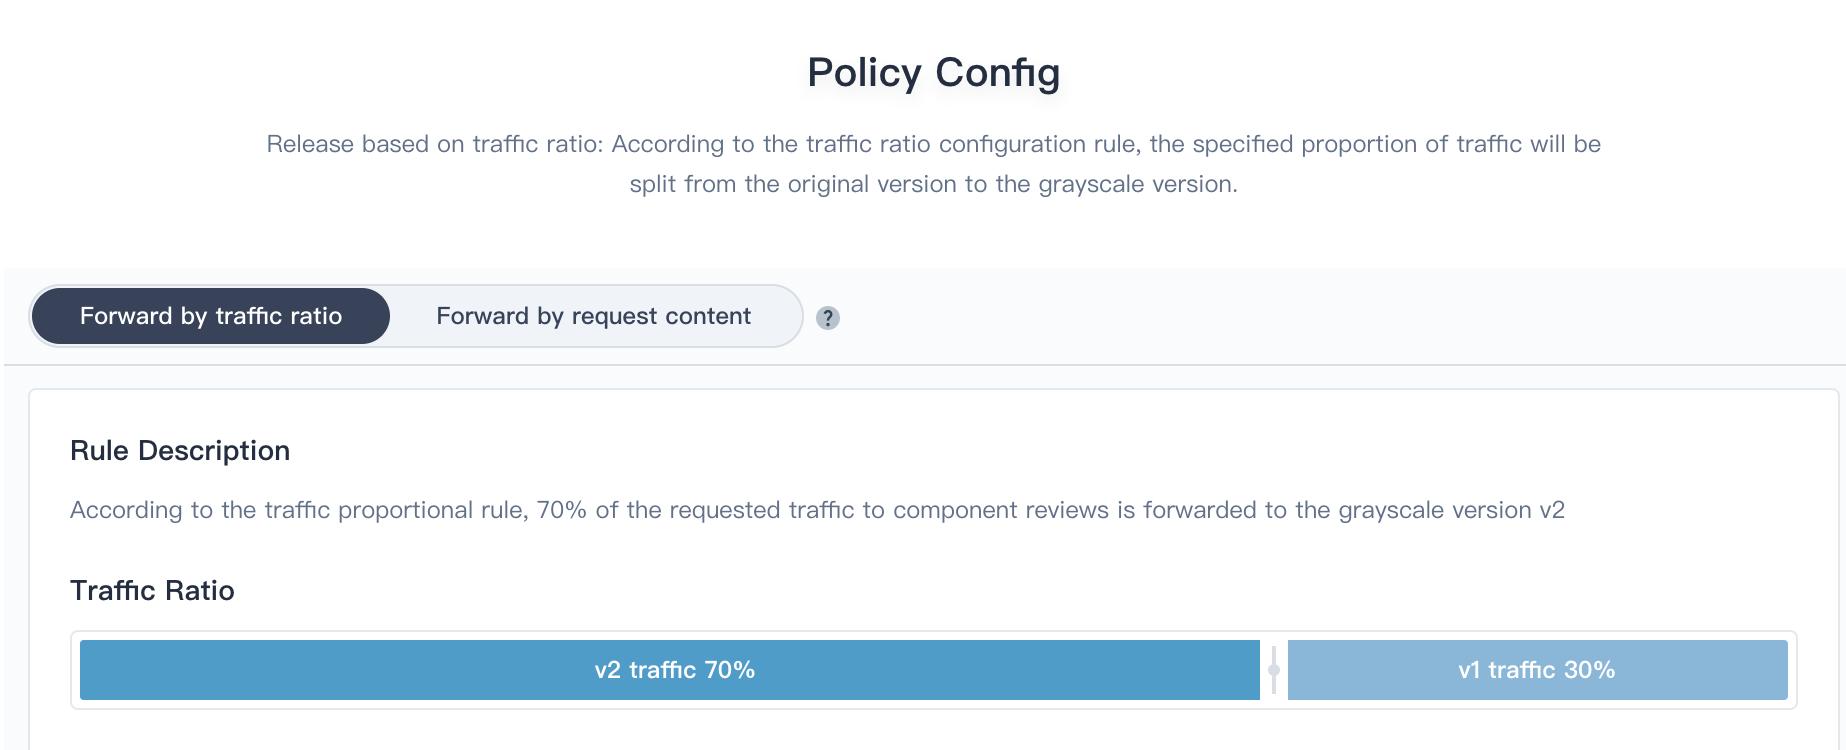 Policy Config